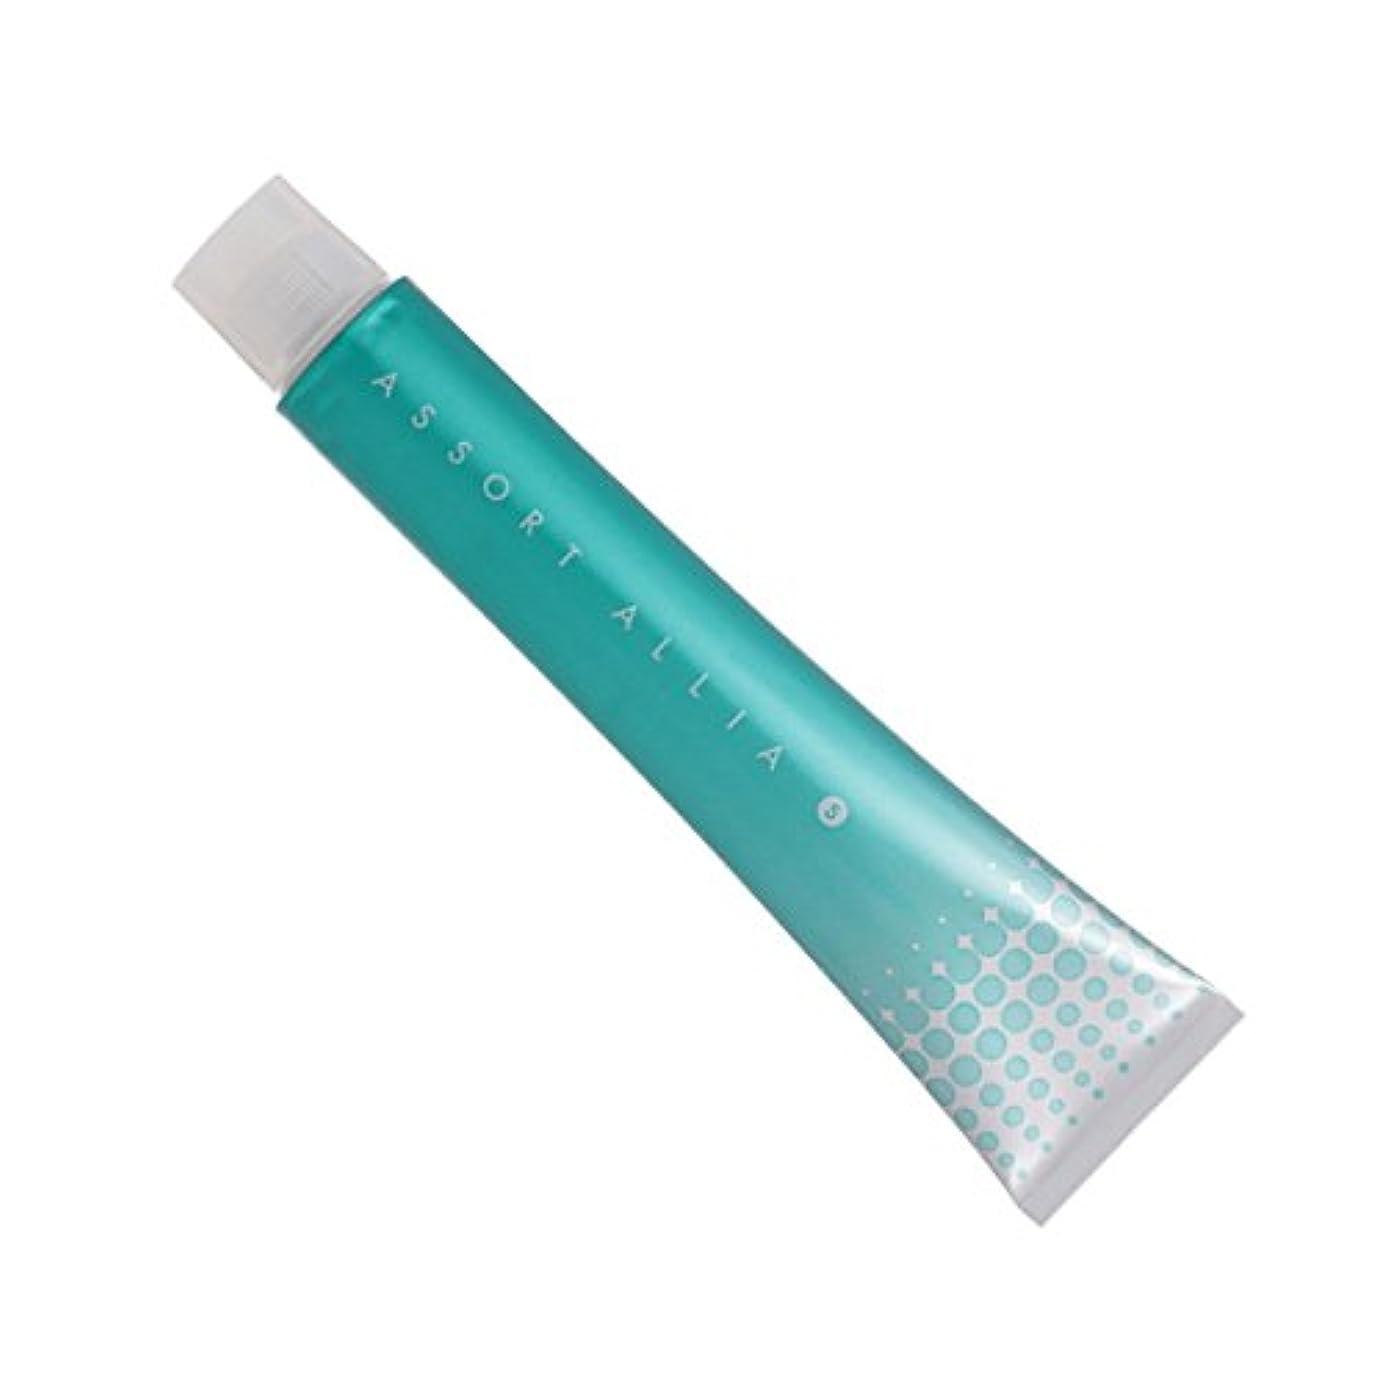 ガラス簡潔なキャメルデミ アソートアリアS サンドベージュ 80g(カラー1剤) 12/11SaB